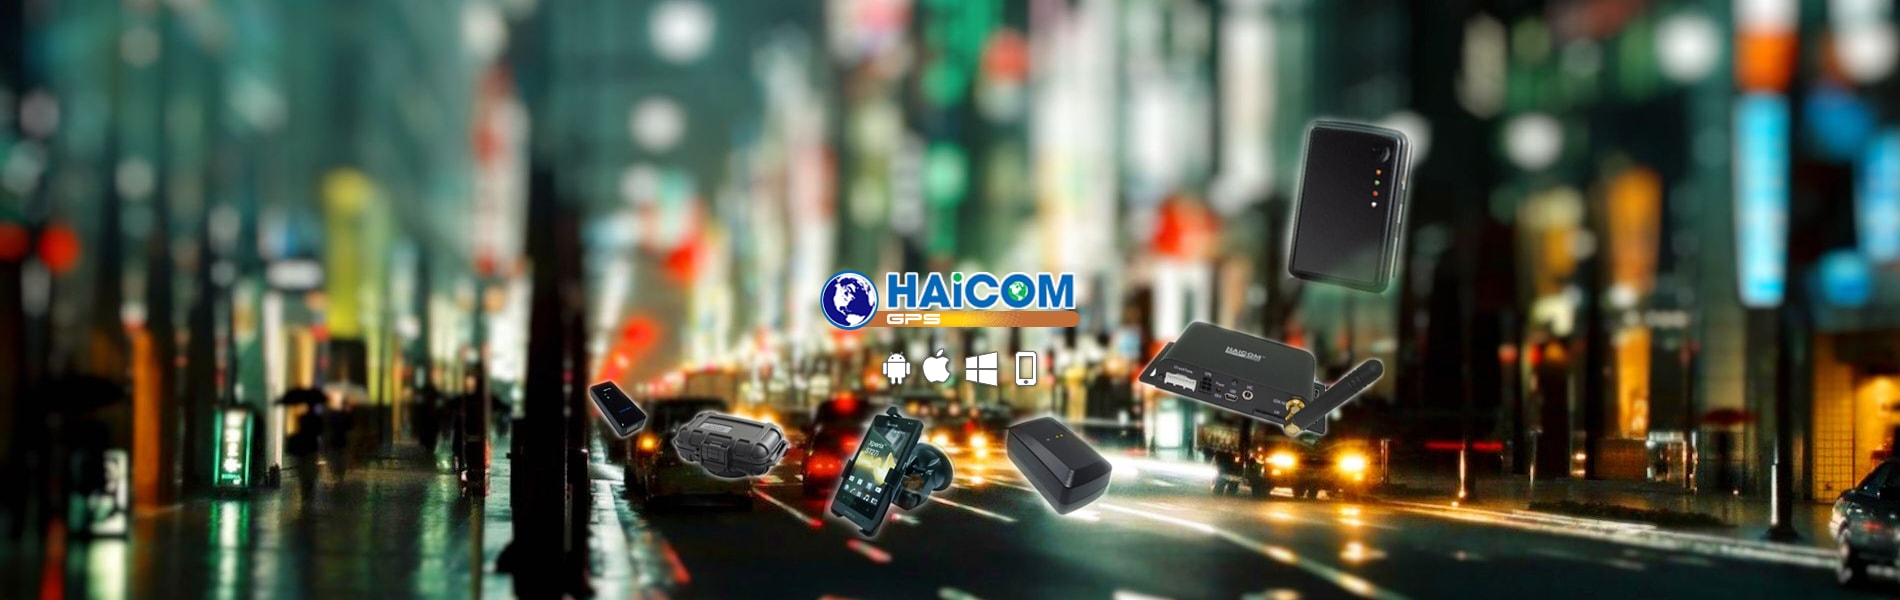 Image 2 - HAICOM GPS - GPS, Localizador, Localizadores, Rastreadores,  Lapas o Balizas, Cajas Estancas, Baterias, Antenas, Plataforma GPRS Gratis, y Sistemas de localizacion GPS Satelital - haicom-gps.com